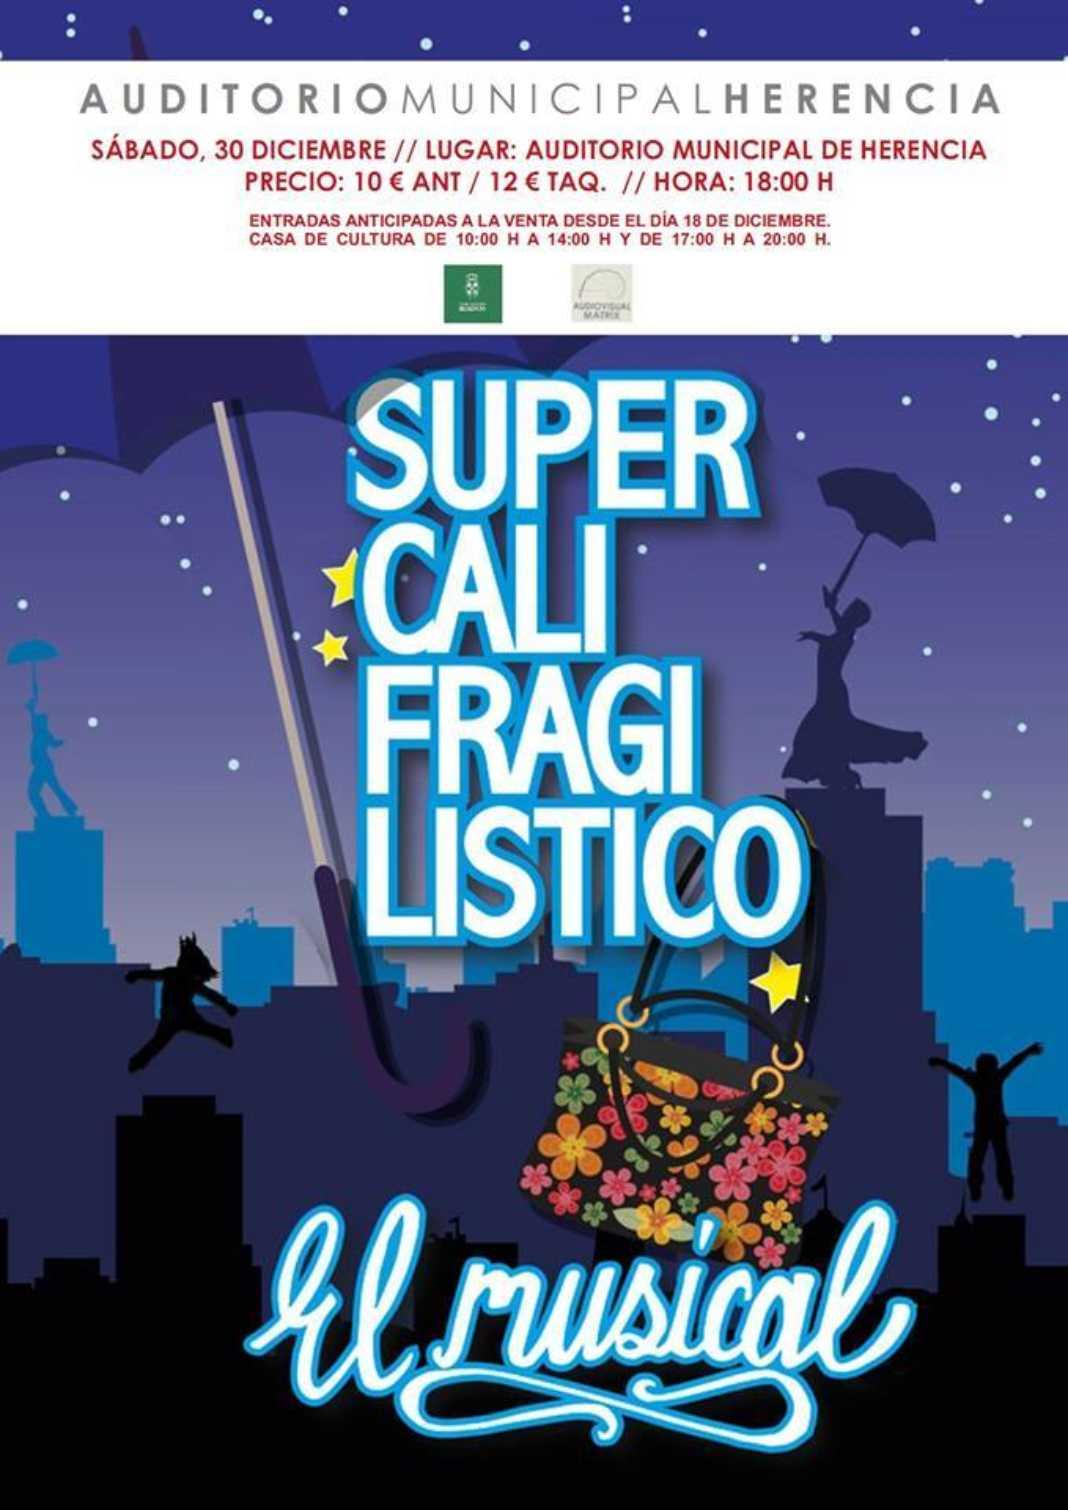 """Supercalifragilistico El Musical 1068x1510 - El musical """"Supercalifragilísitco"""" en el auditorio de Herencia"""